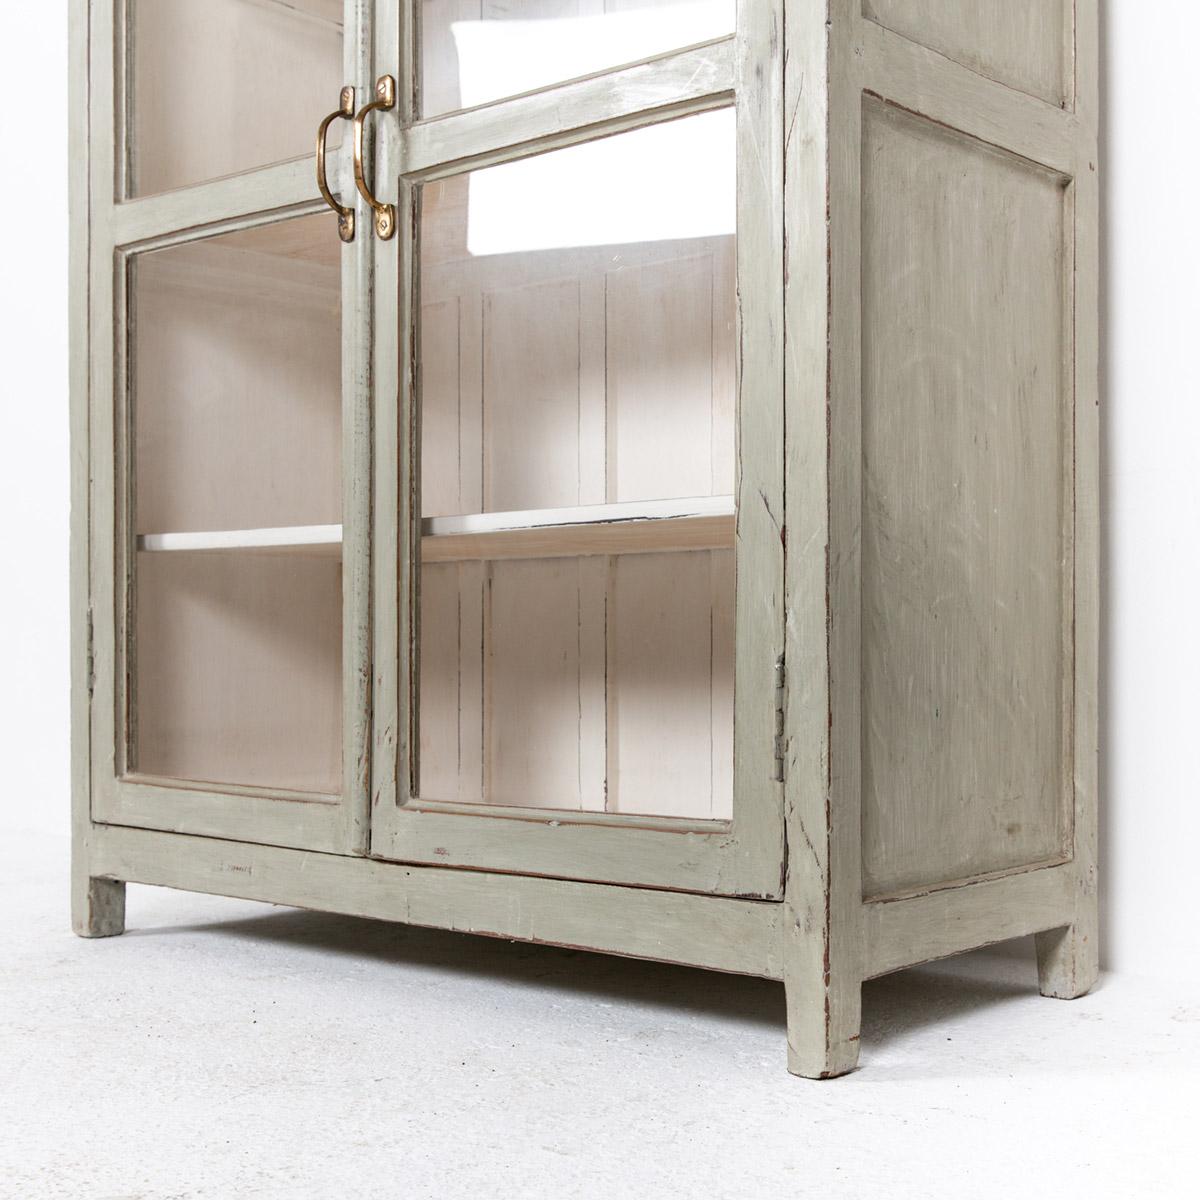 Vitrinekast-2-deuren-oud-grijs-8